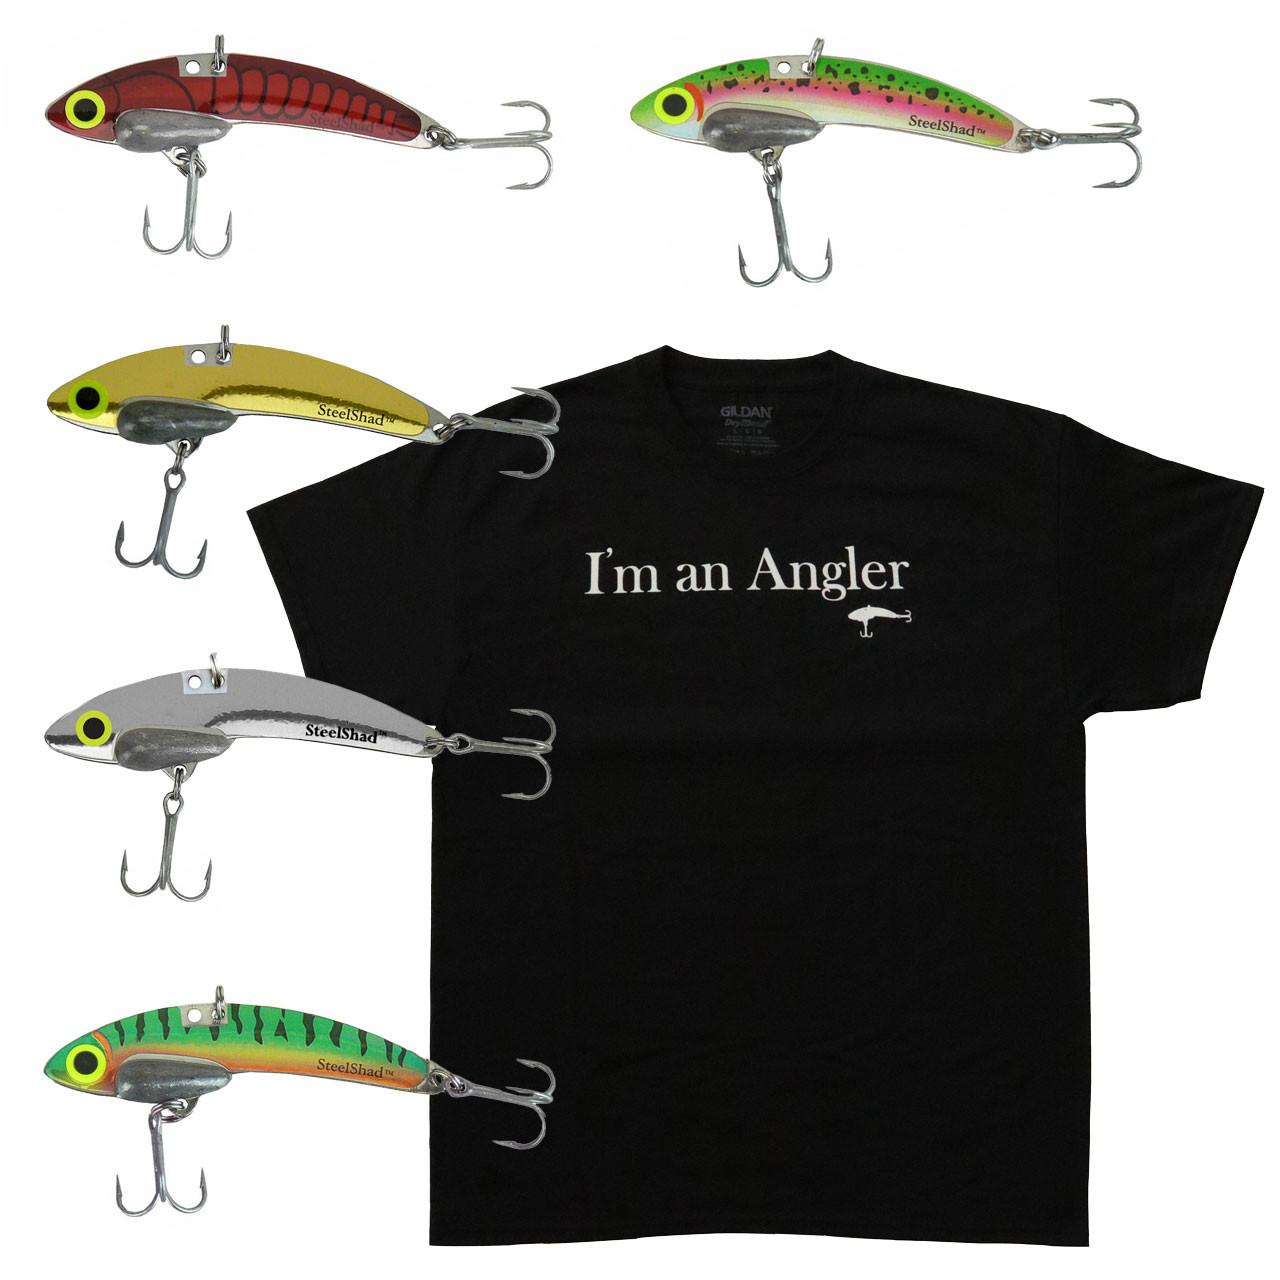 SteelShad Angler Gift Pack